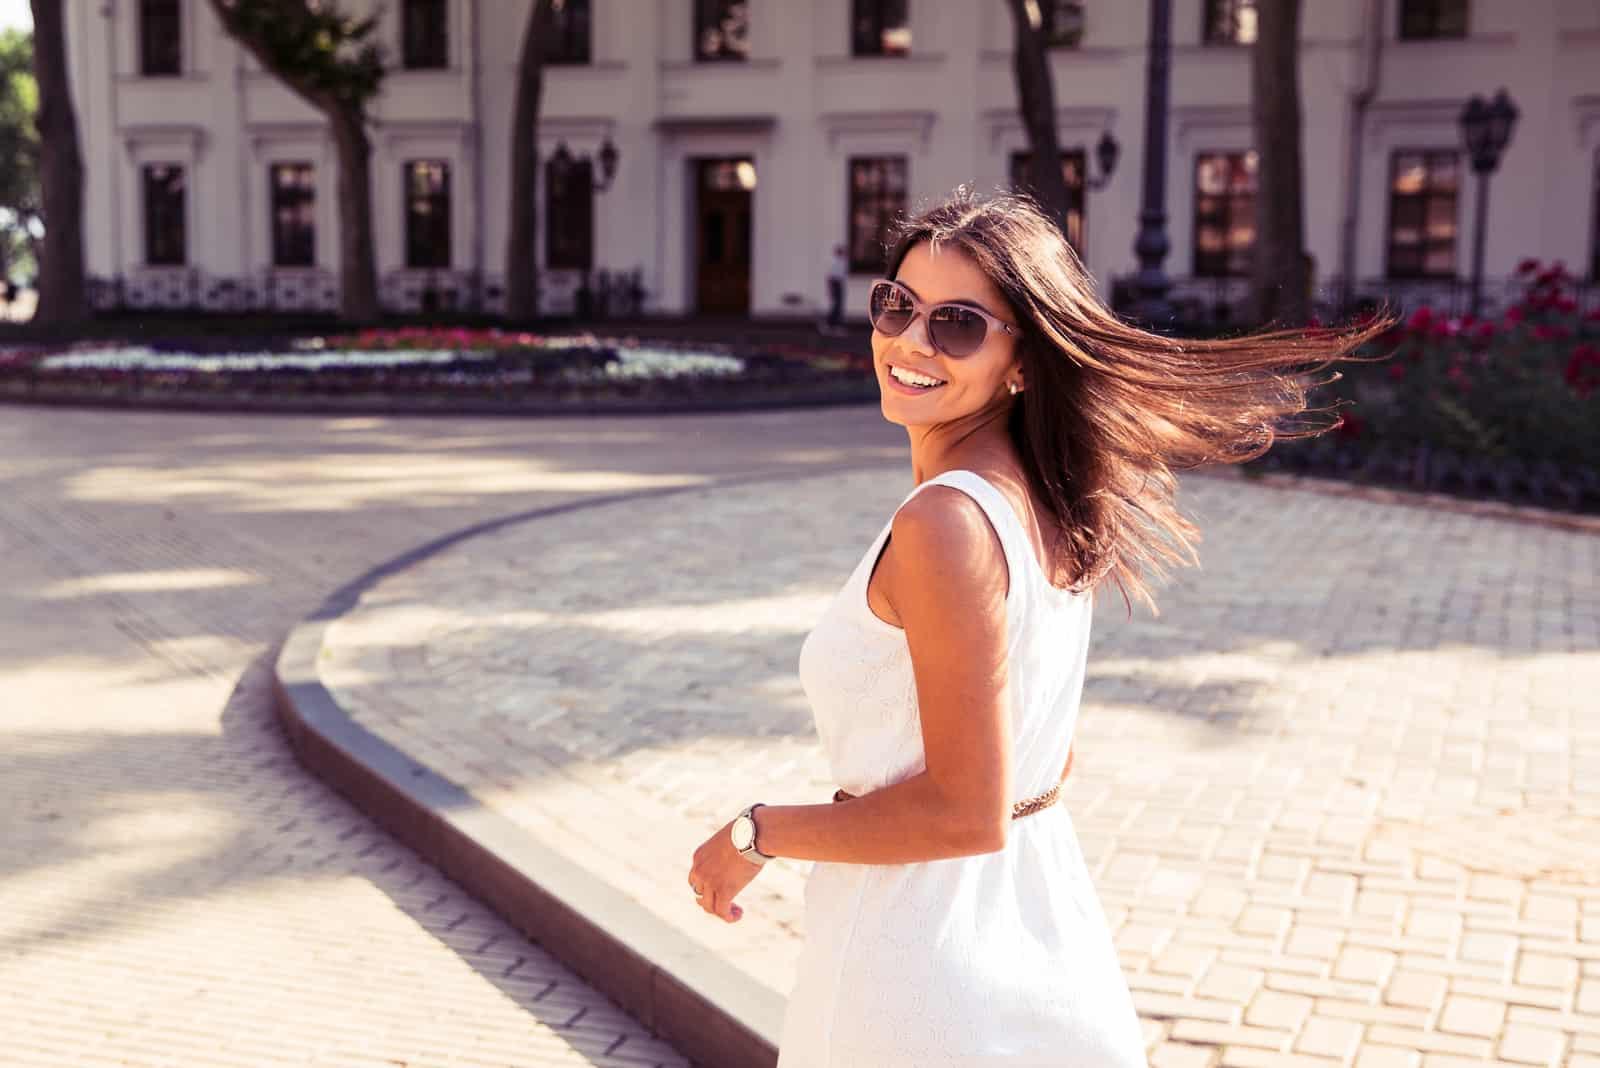 une belle femme aux longs cheveux bruns vêtue d'une robe blanche marche dans la rue